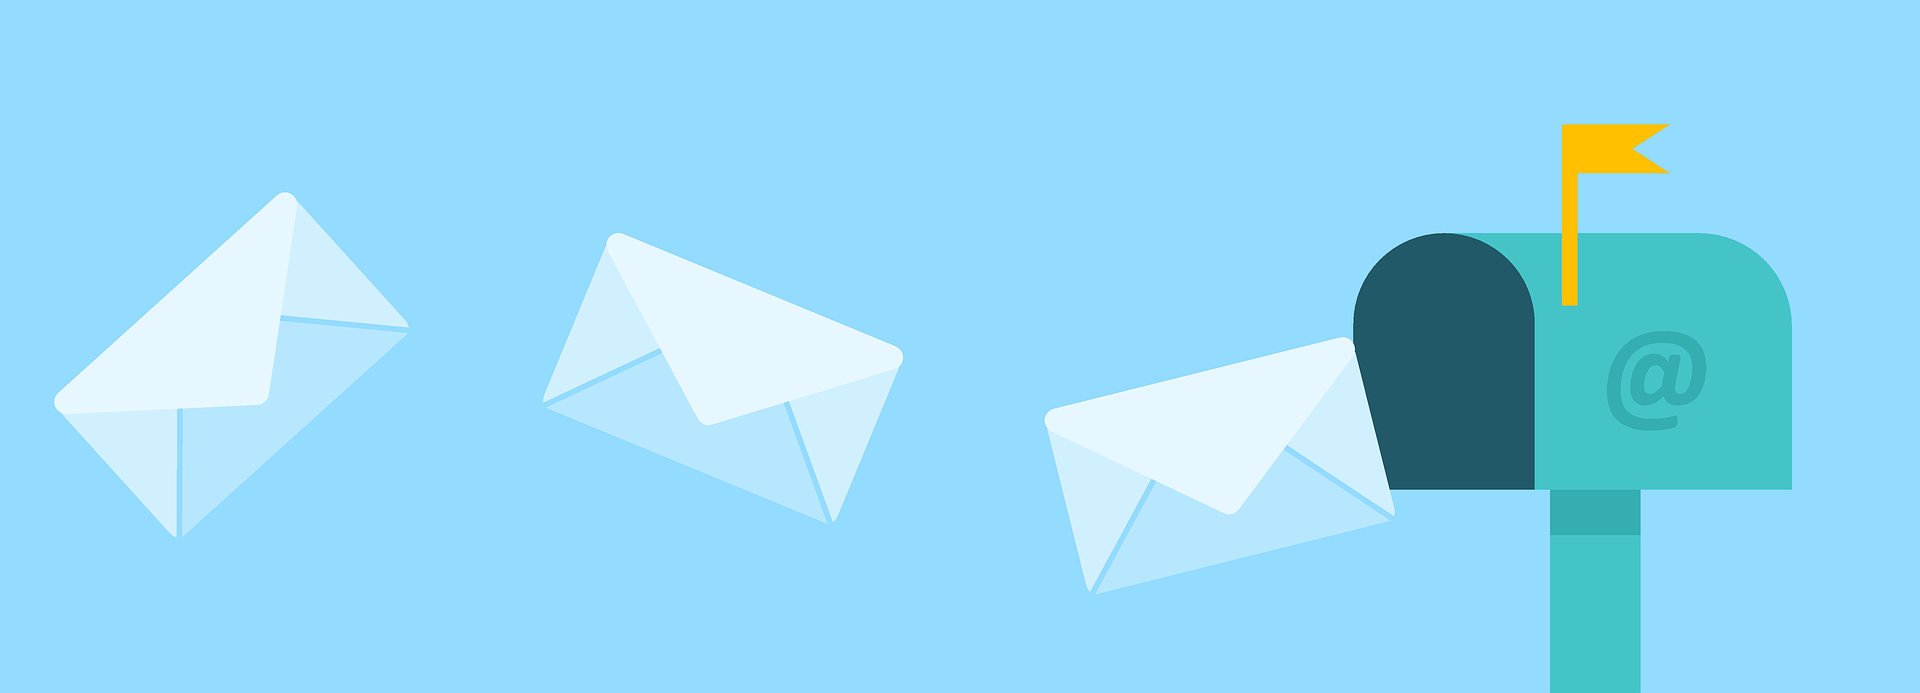 komunikacja z wykonawcami a poczta email